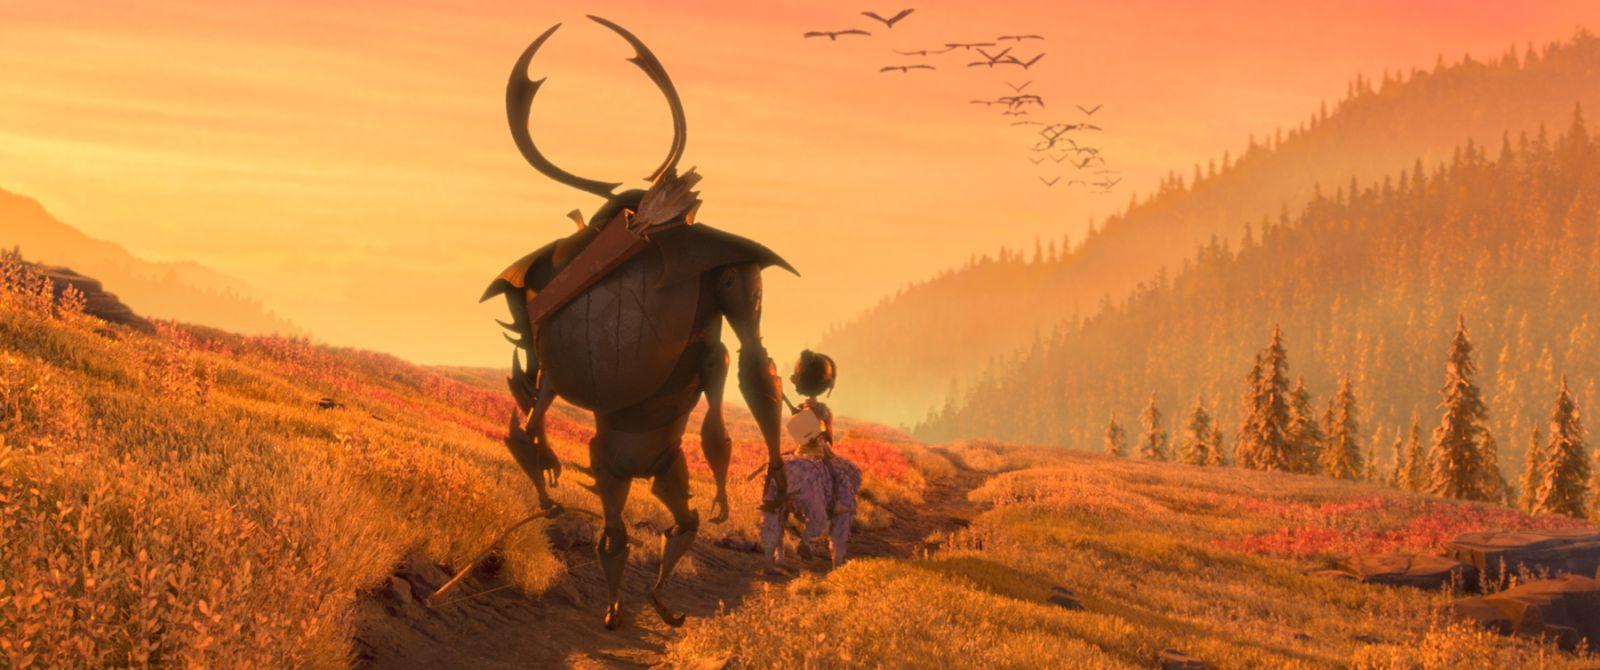 Kubo e la spada magica: una scena del film animato